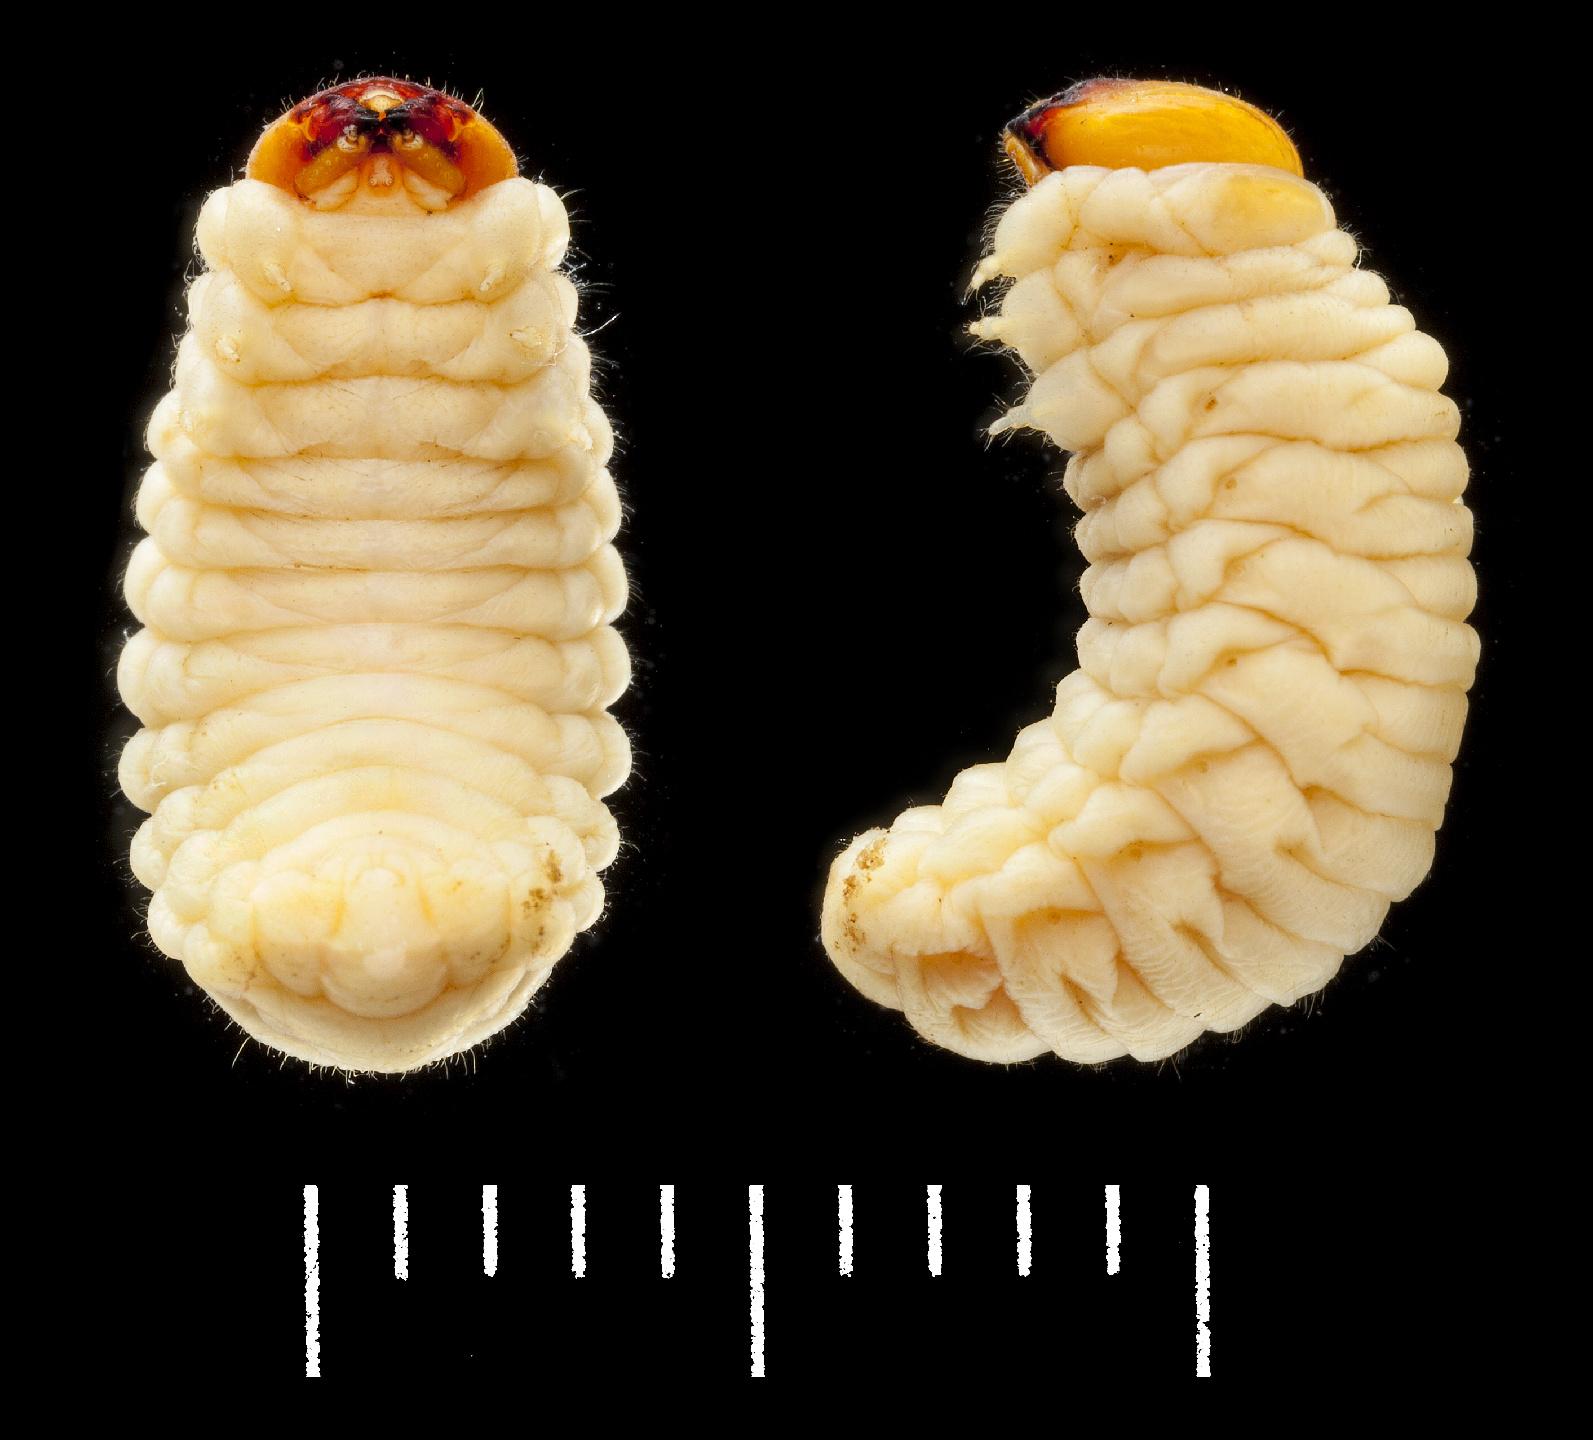 Platyrhinus resinosus larva